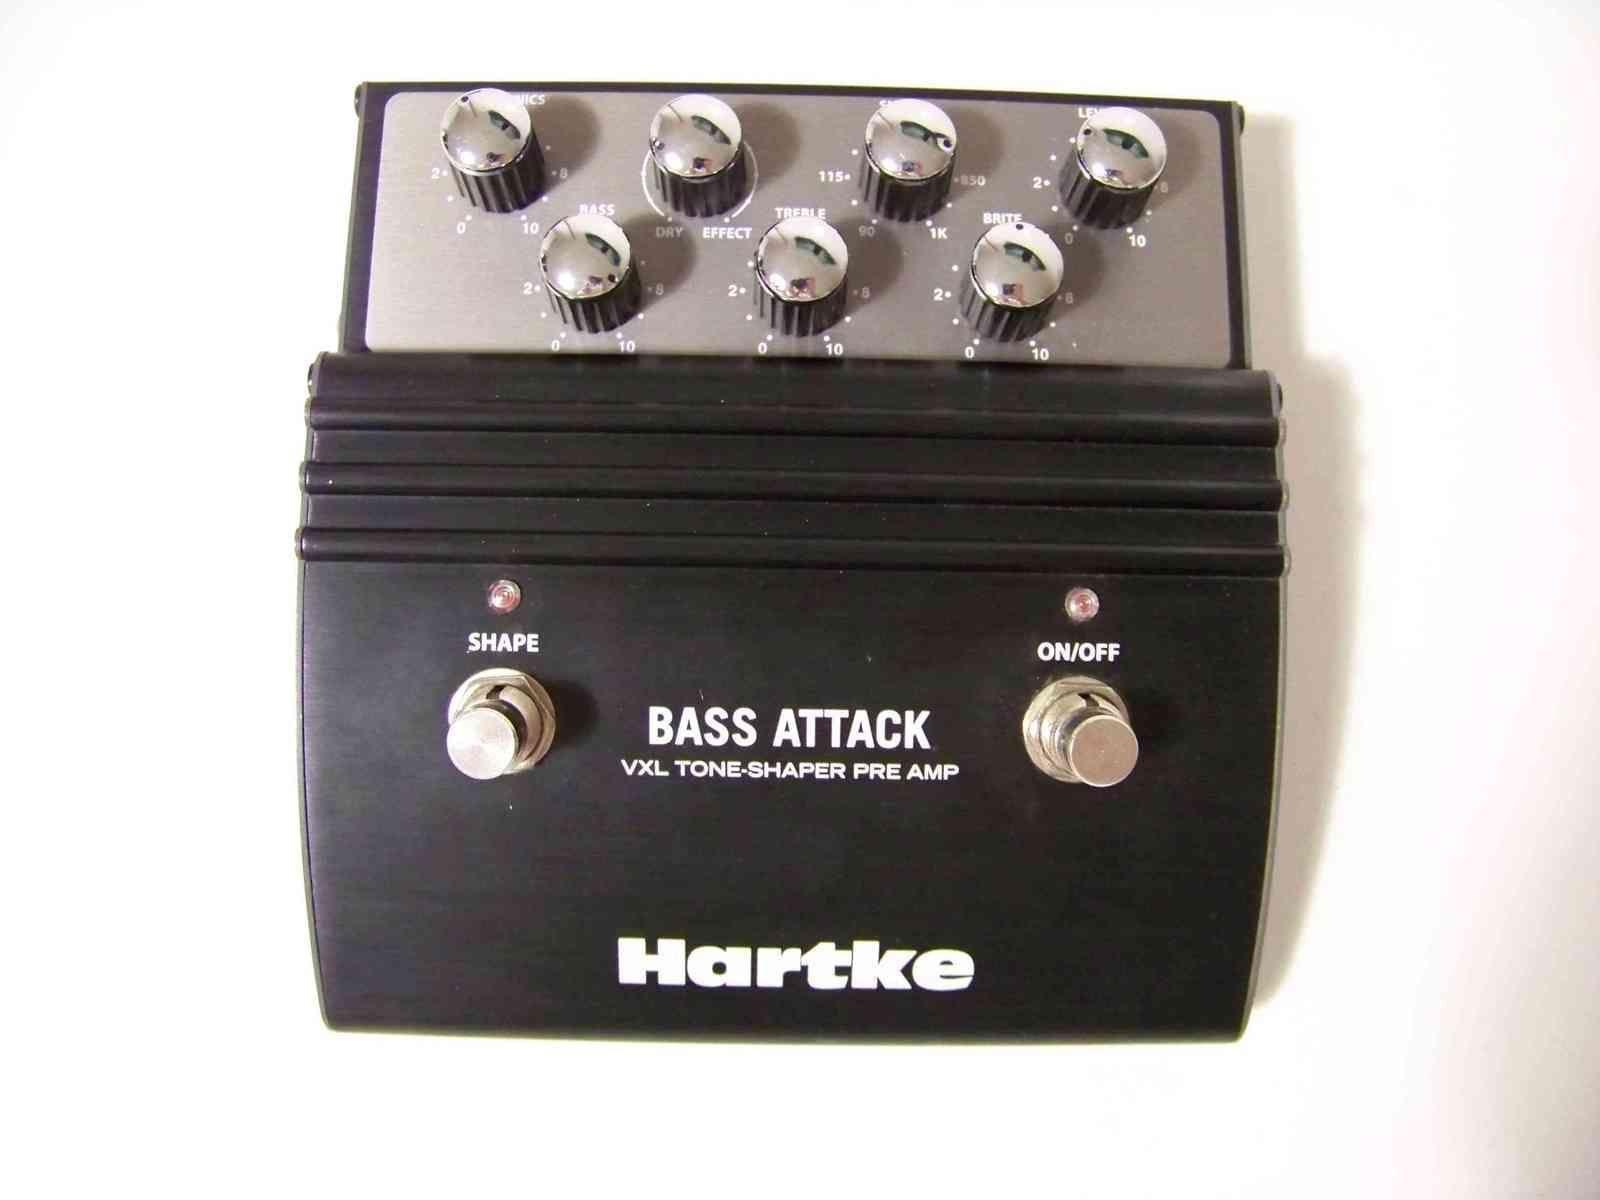 hartke vxl bass attack image 203926 audiofanzine. Black Bedroom Furniture Sets. Home Design Ideas